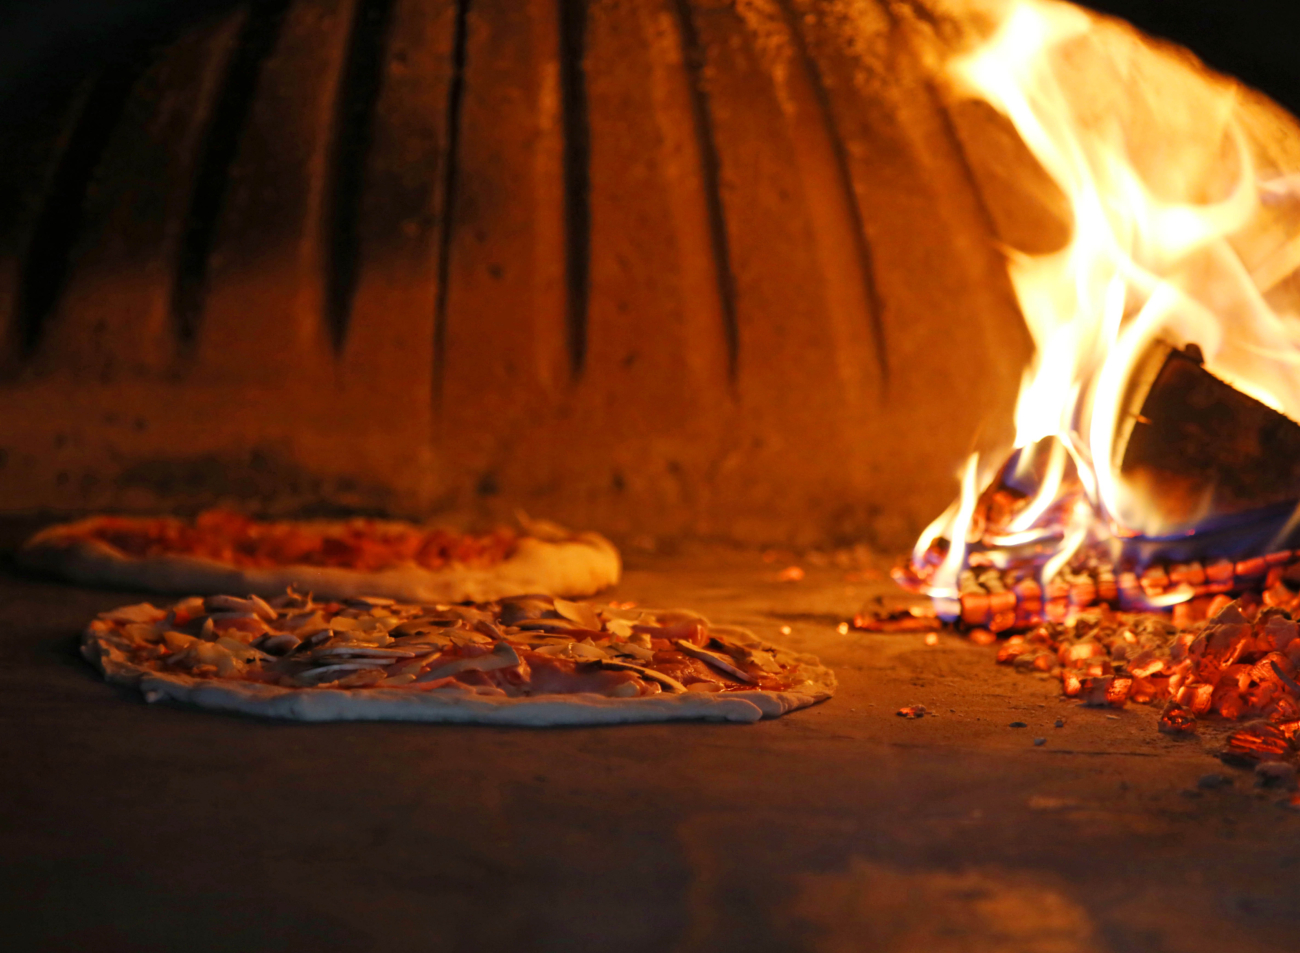 pizzeria victoria 020321 18